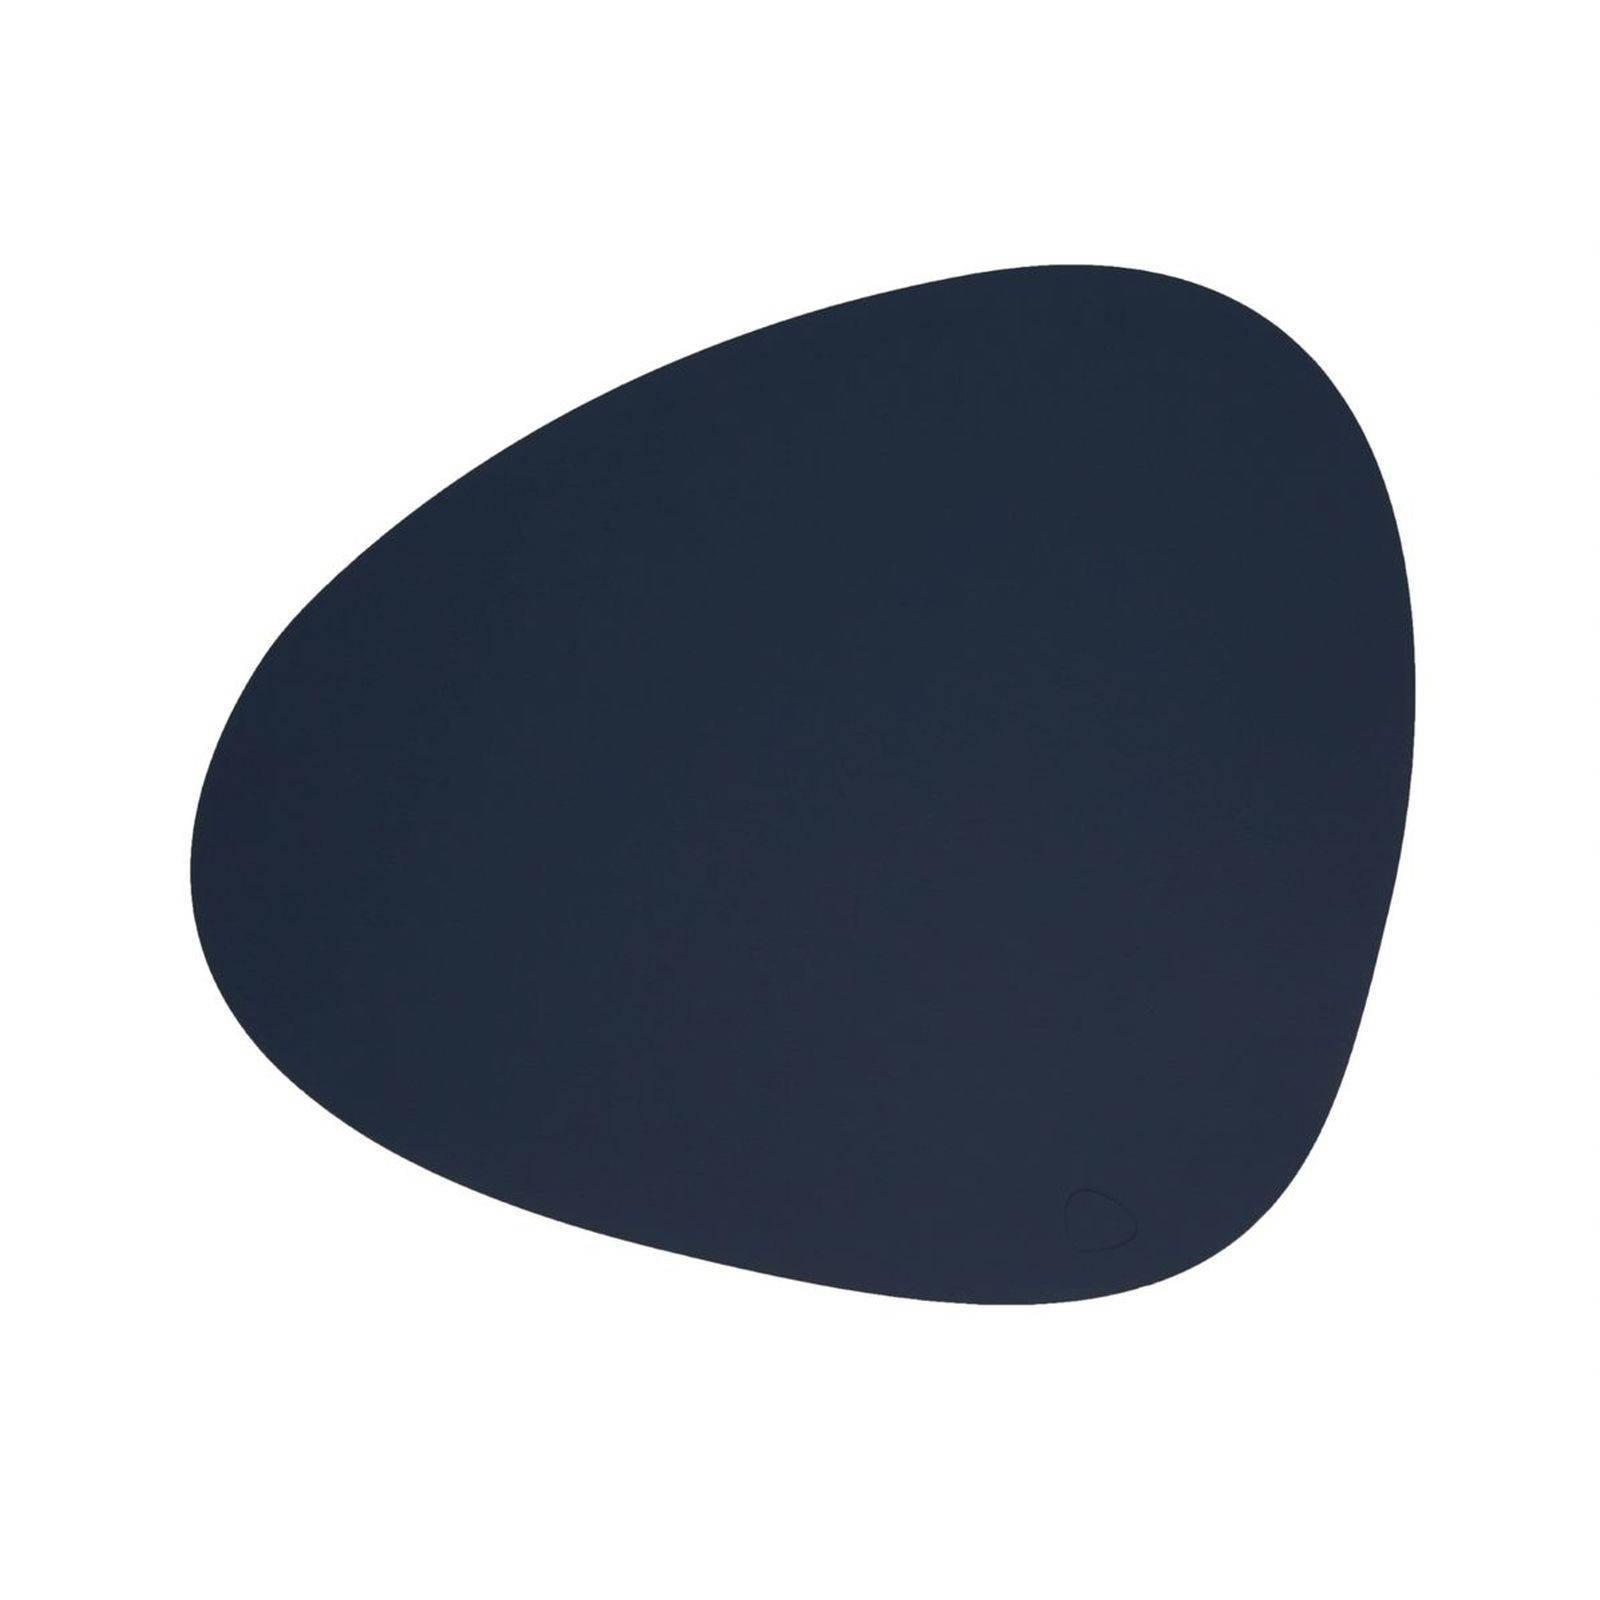 Merkloos Lind Dna Placemat Leer Softbuck Blauw 37 X 44 Cm online kopen